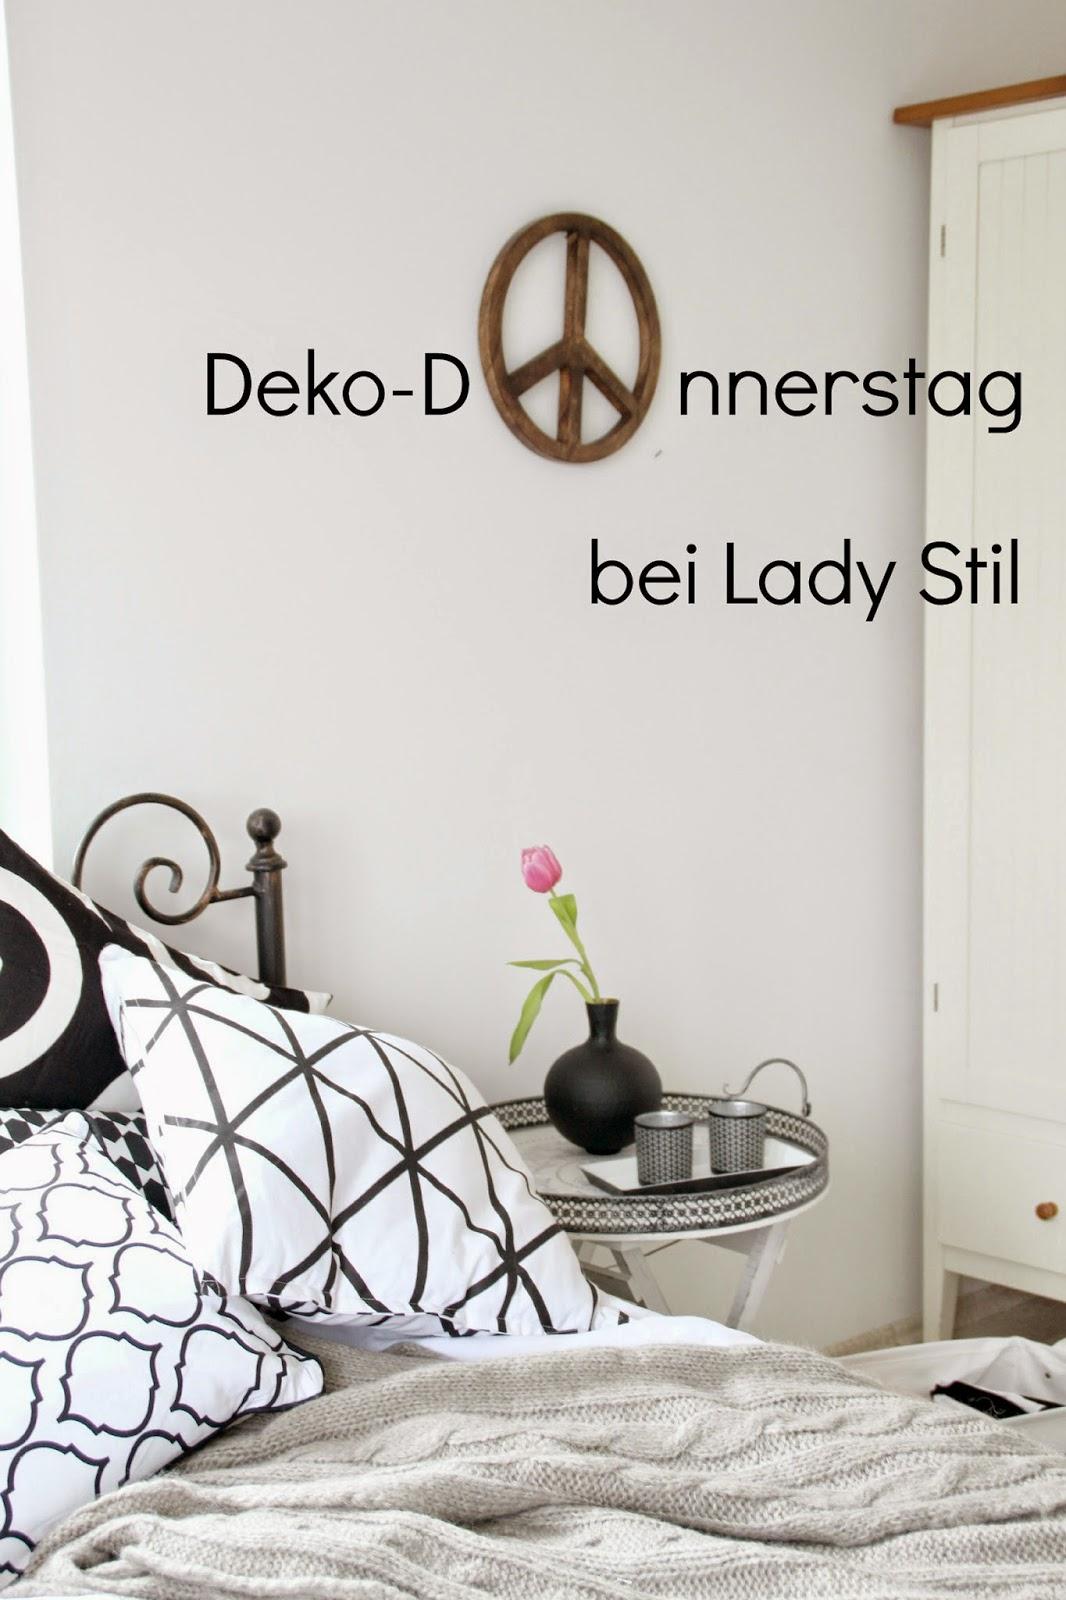 Deko-Donnerstag bei Lady Stil: